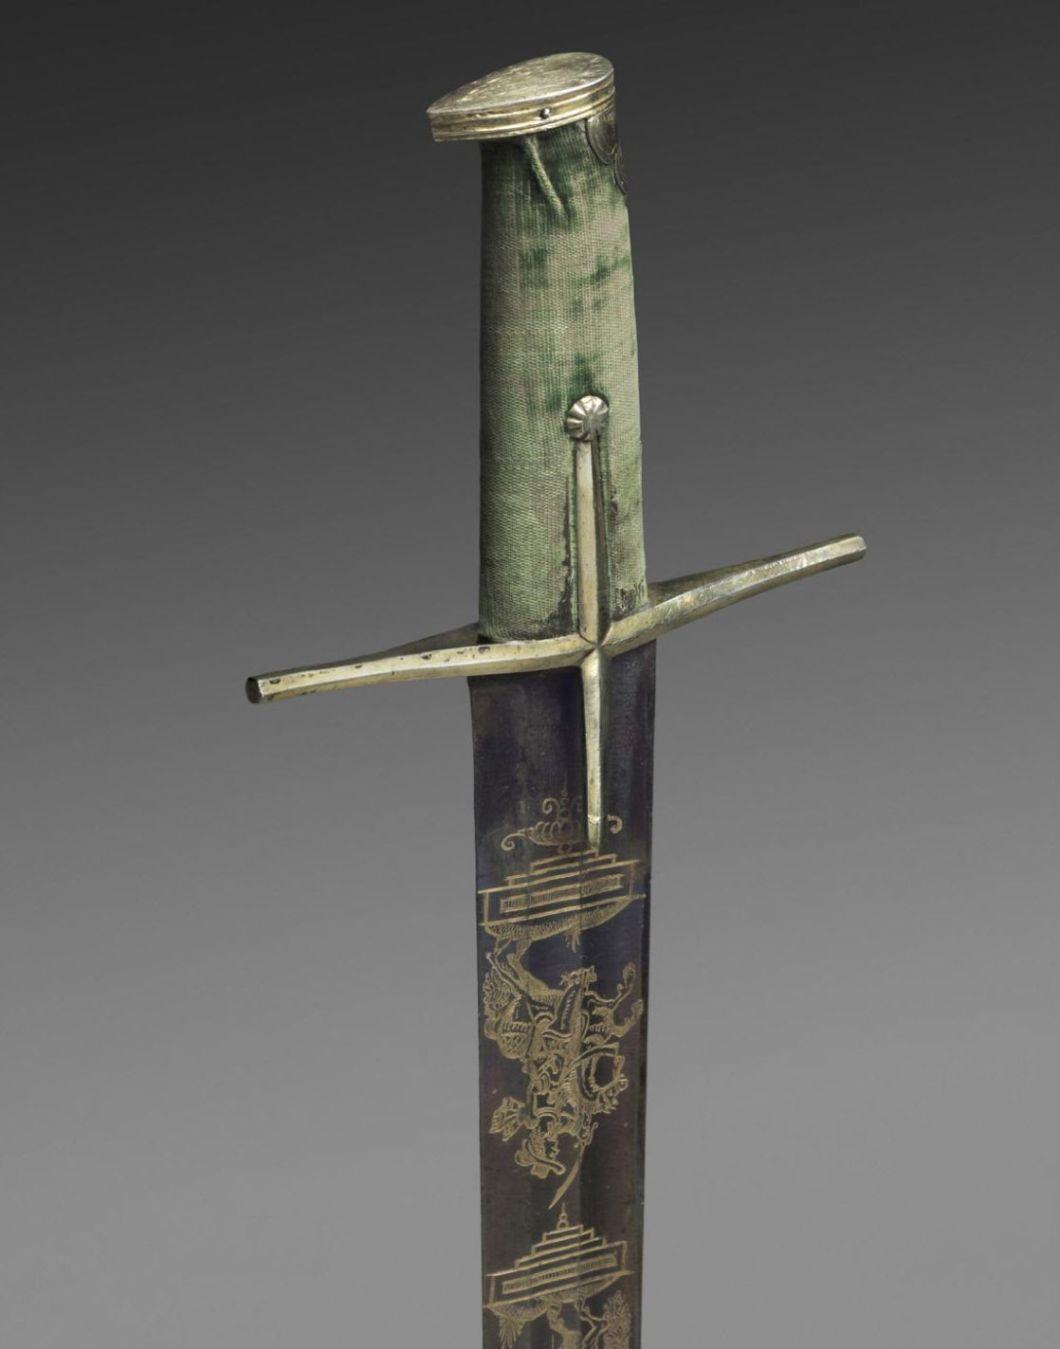 Macar kılıcı